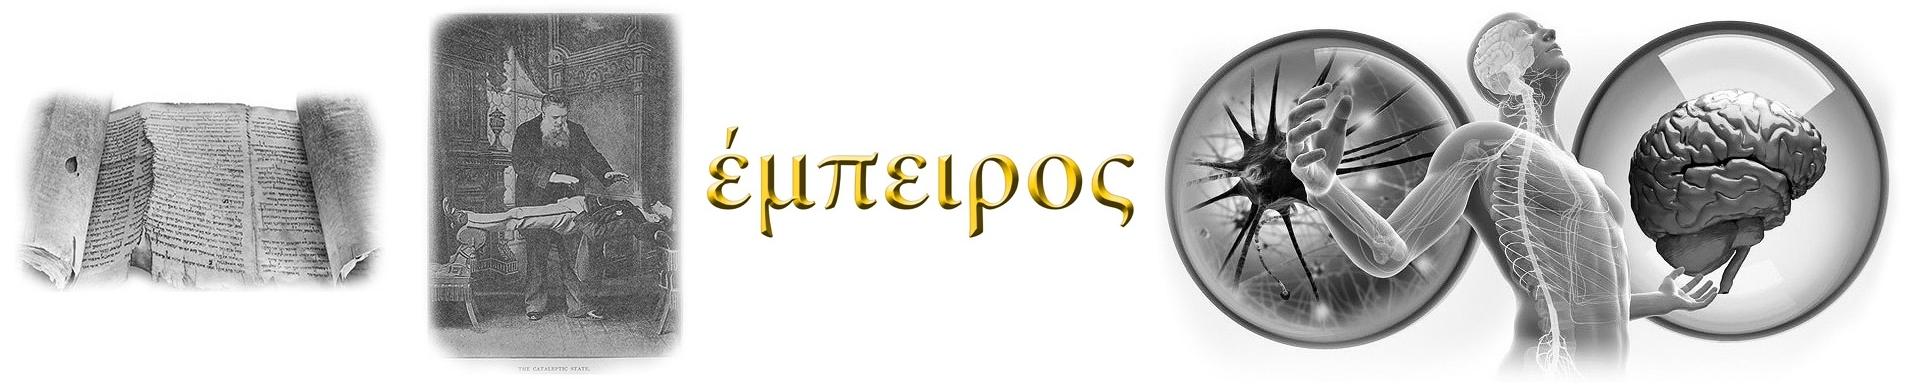 Empeiros_long_2